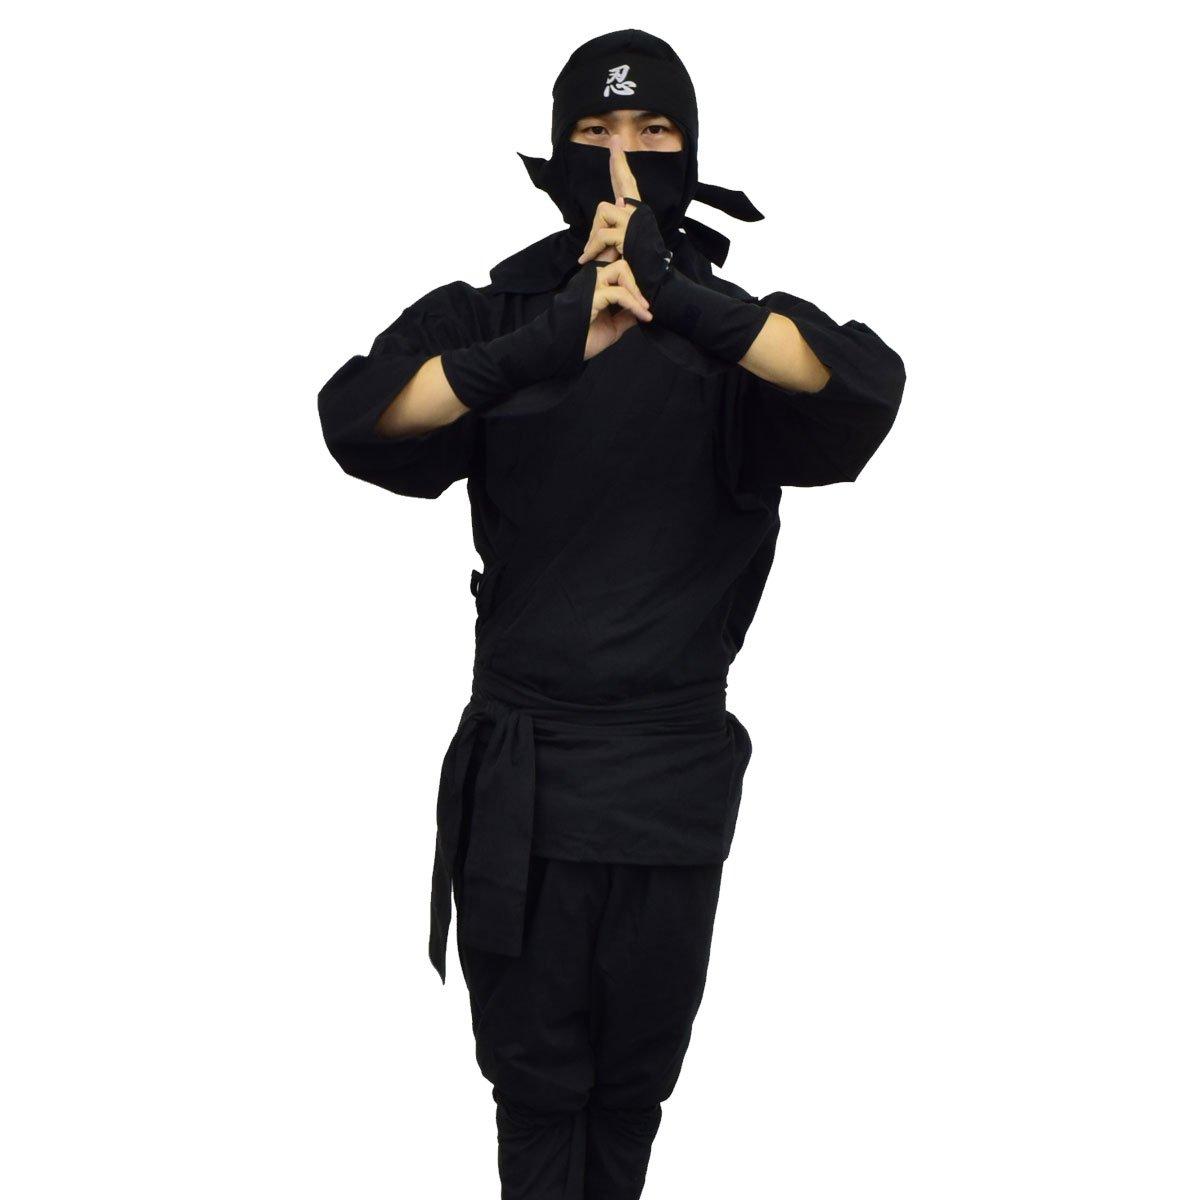 Ninja Uniforme y artes marciales para mujer, traje de kárate ...